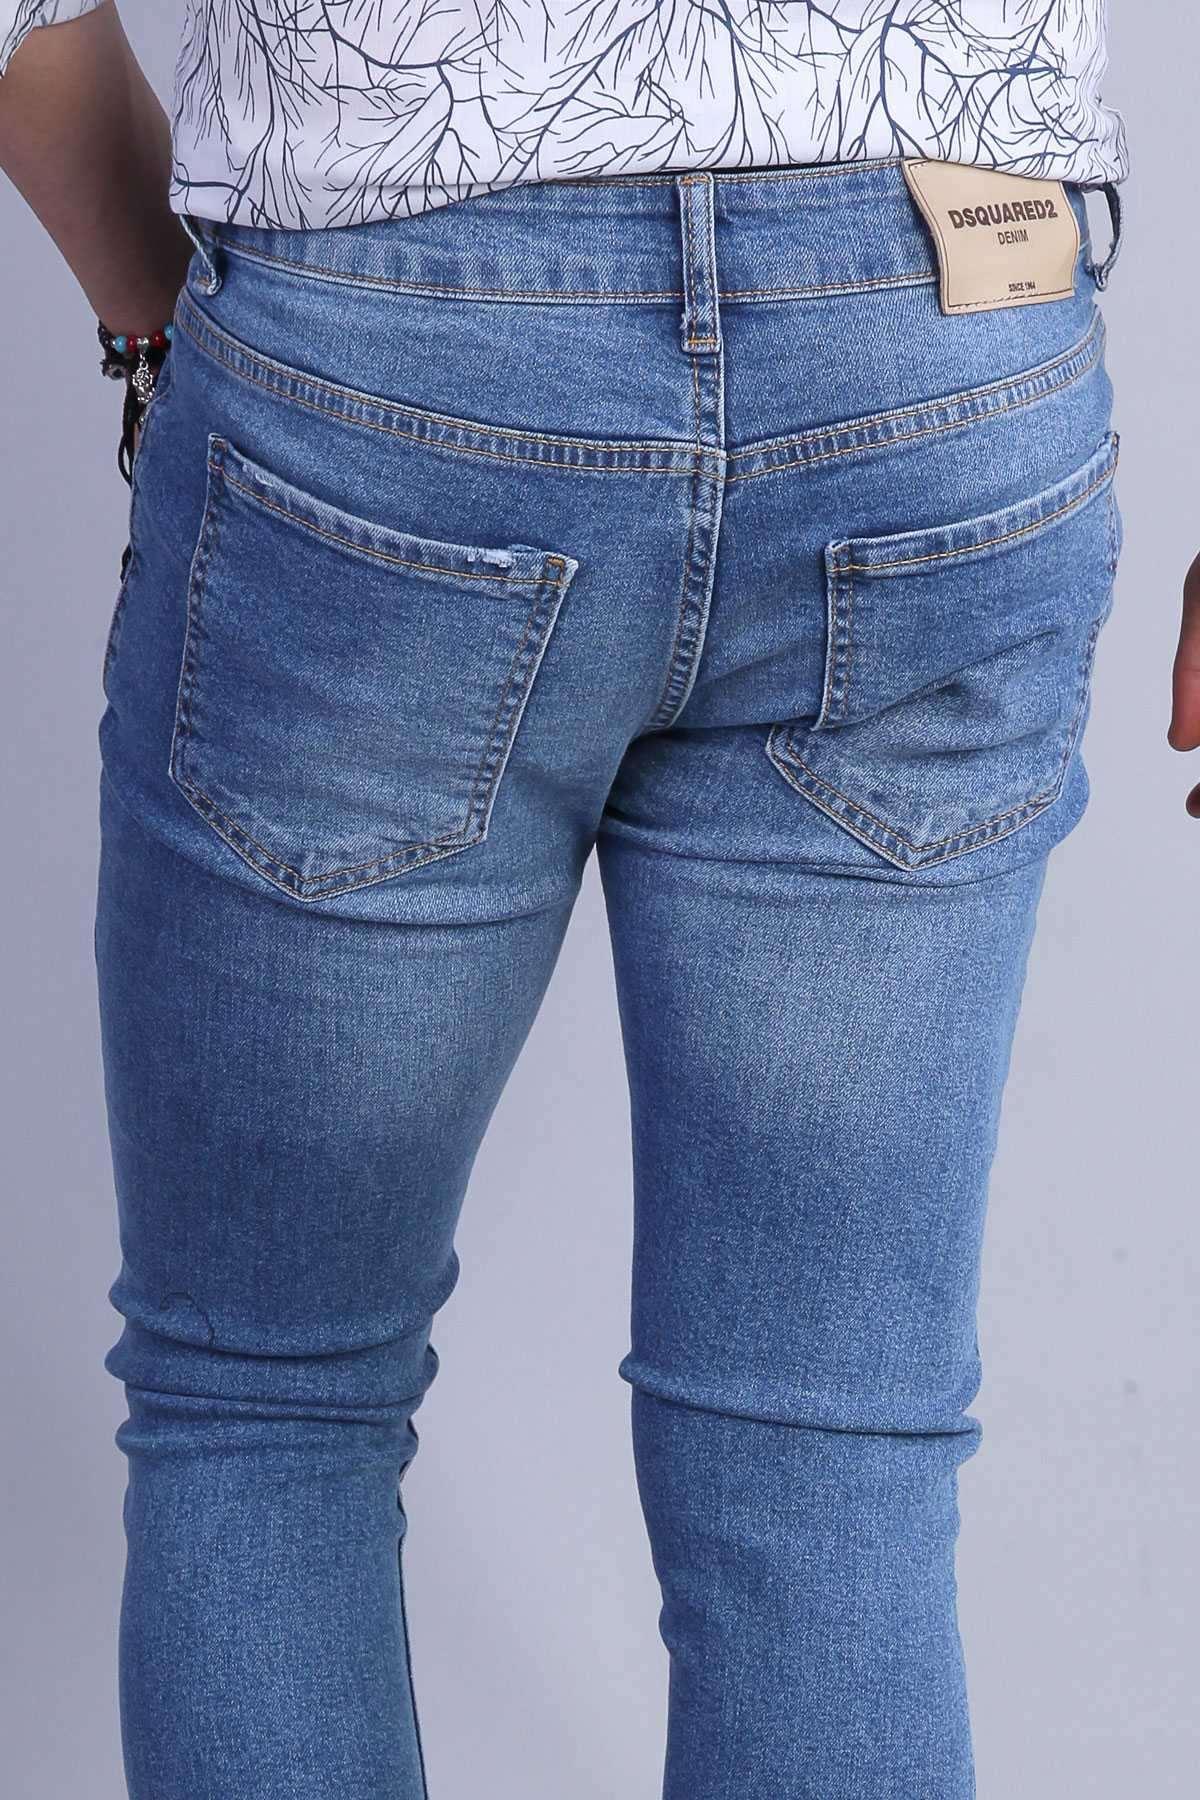 Klinkırlı Taşlamalı Slim Fit Kot Pantolon Mavi